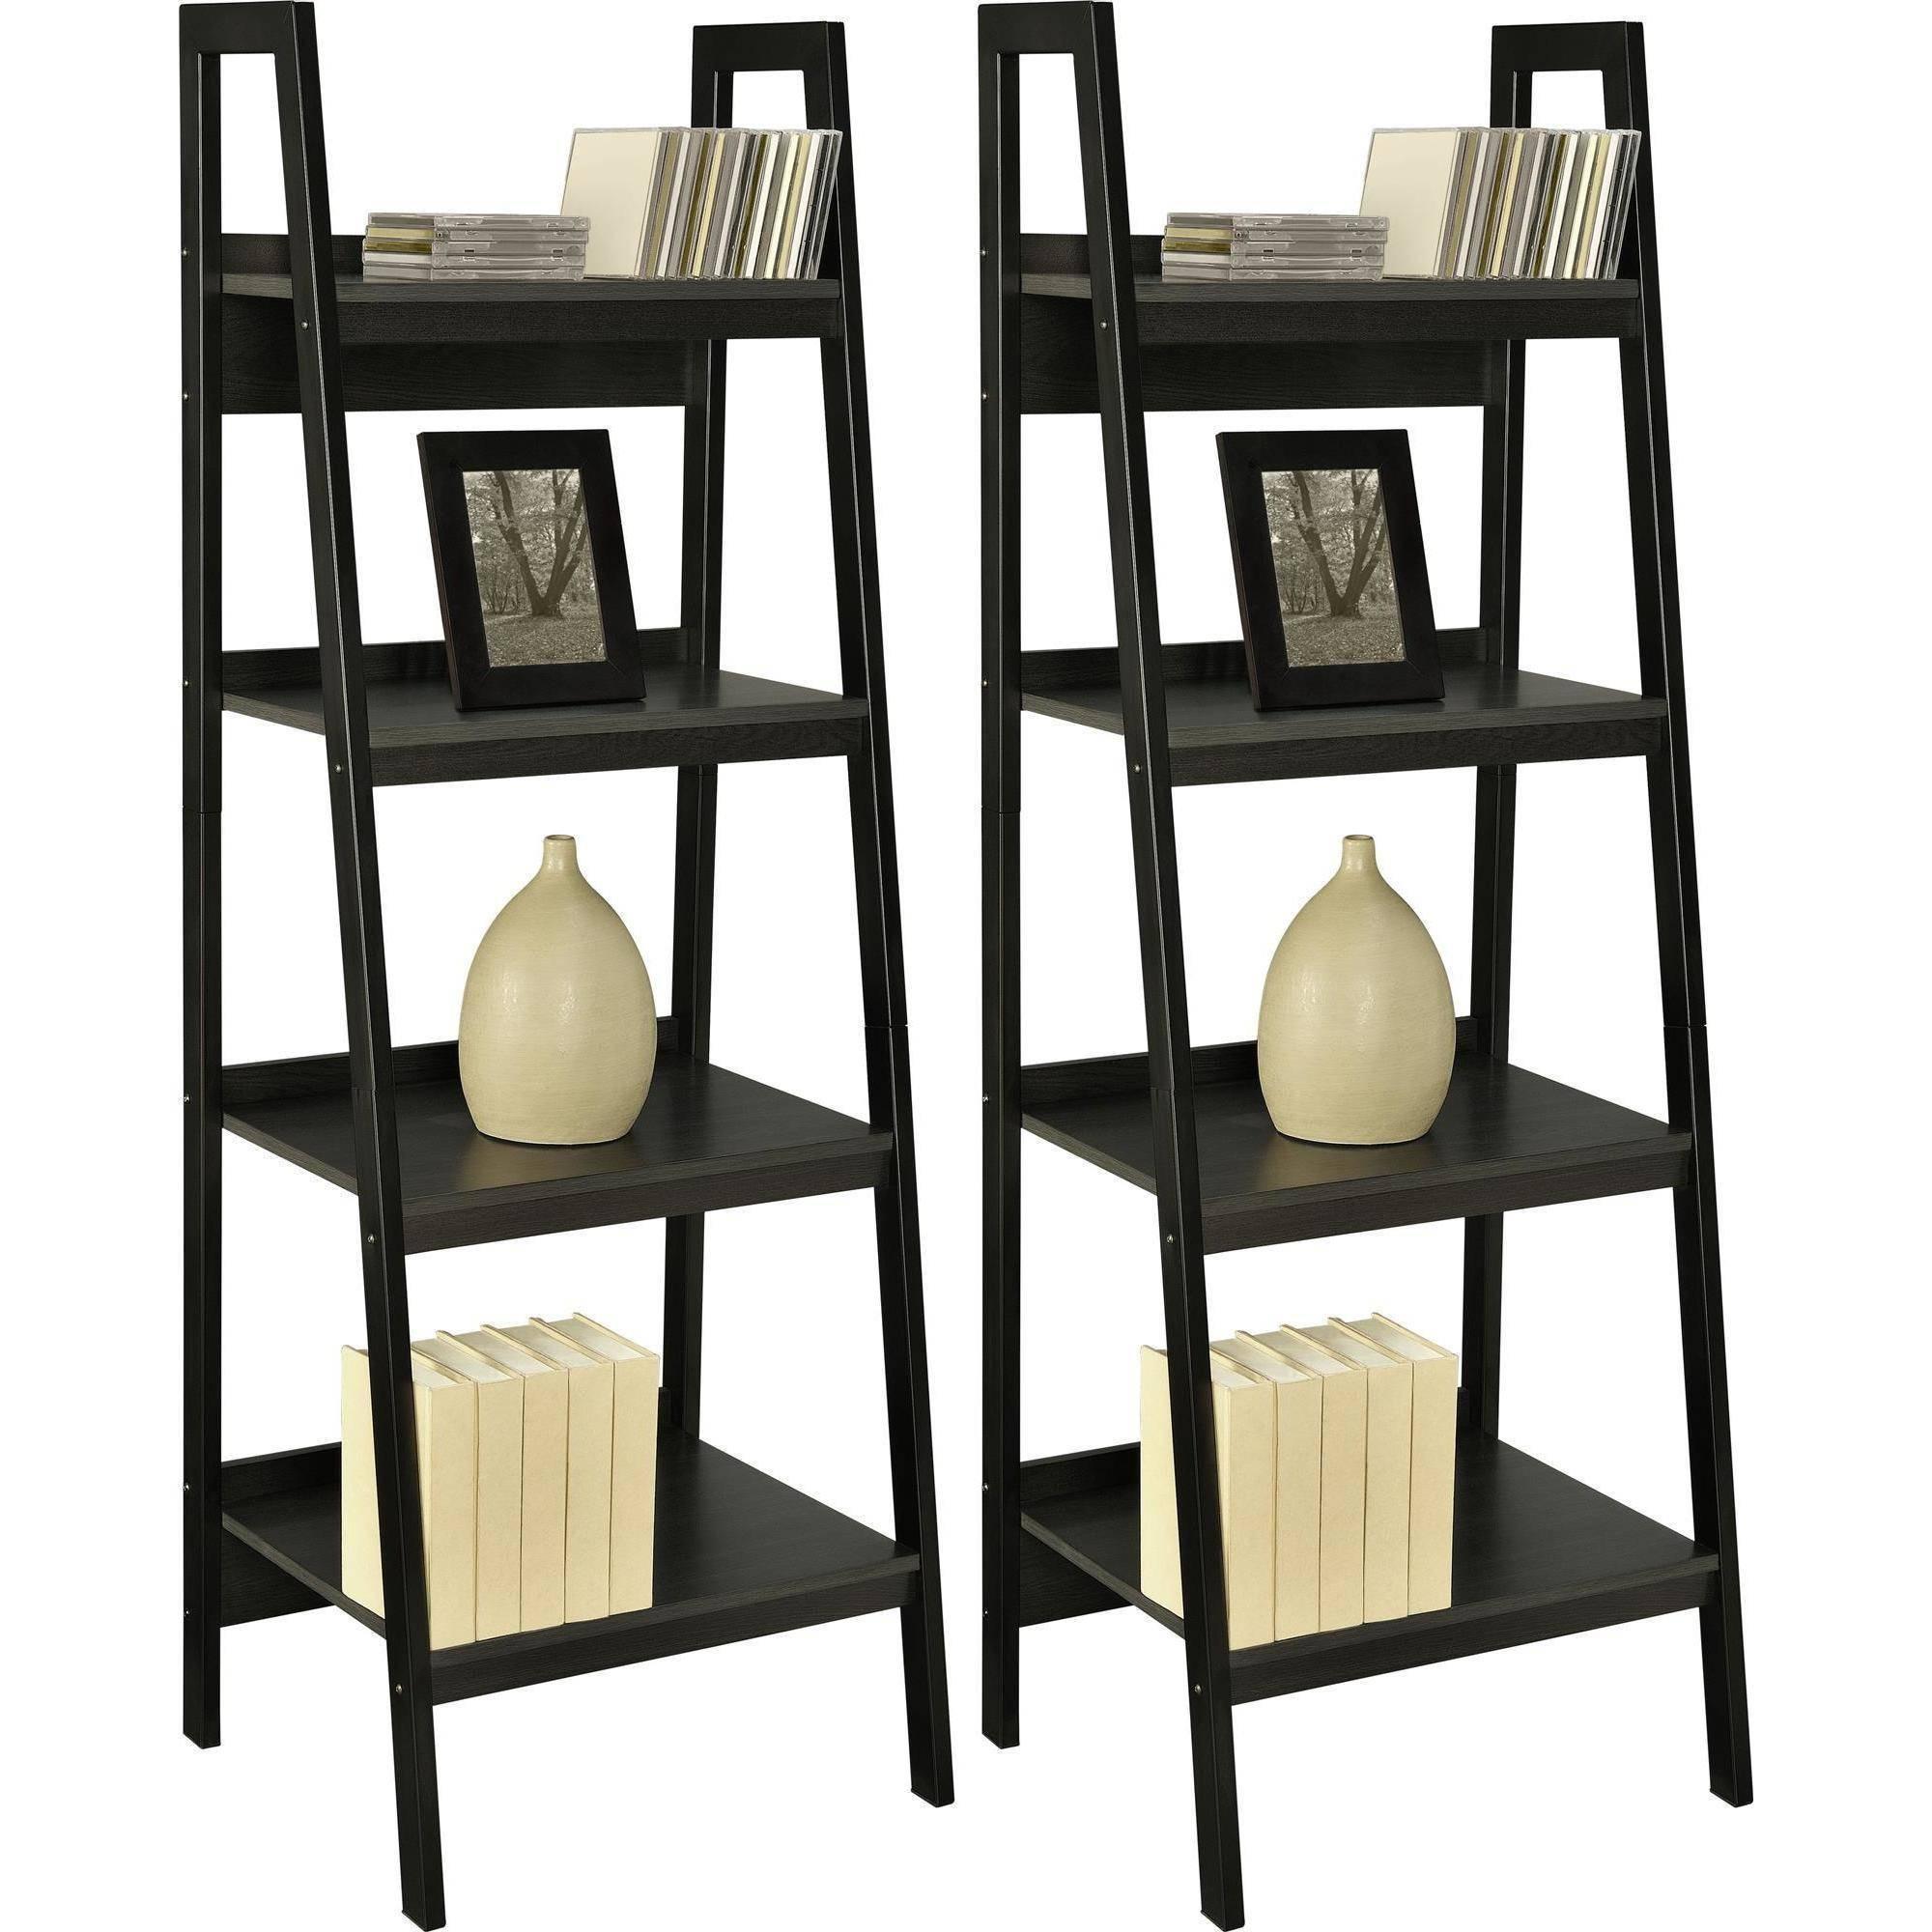 Ameriwood Home Lawrence 4 Shelf Ladder Bookcase Bundle Black Set Throughout Ladder Bookcase (#7 of 15)